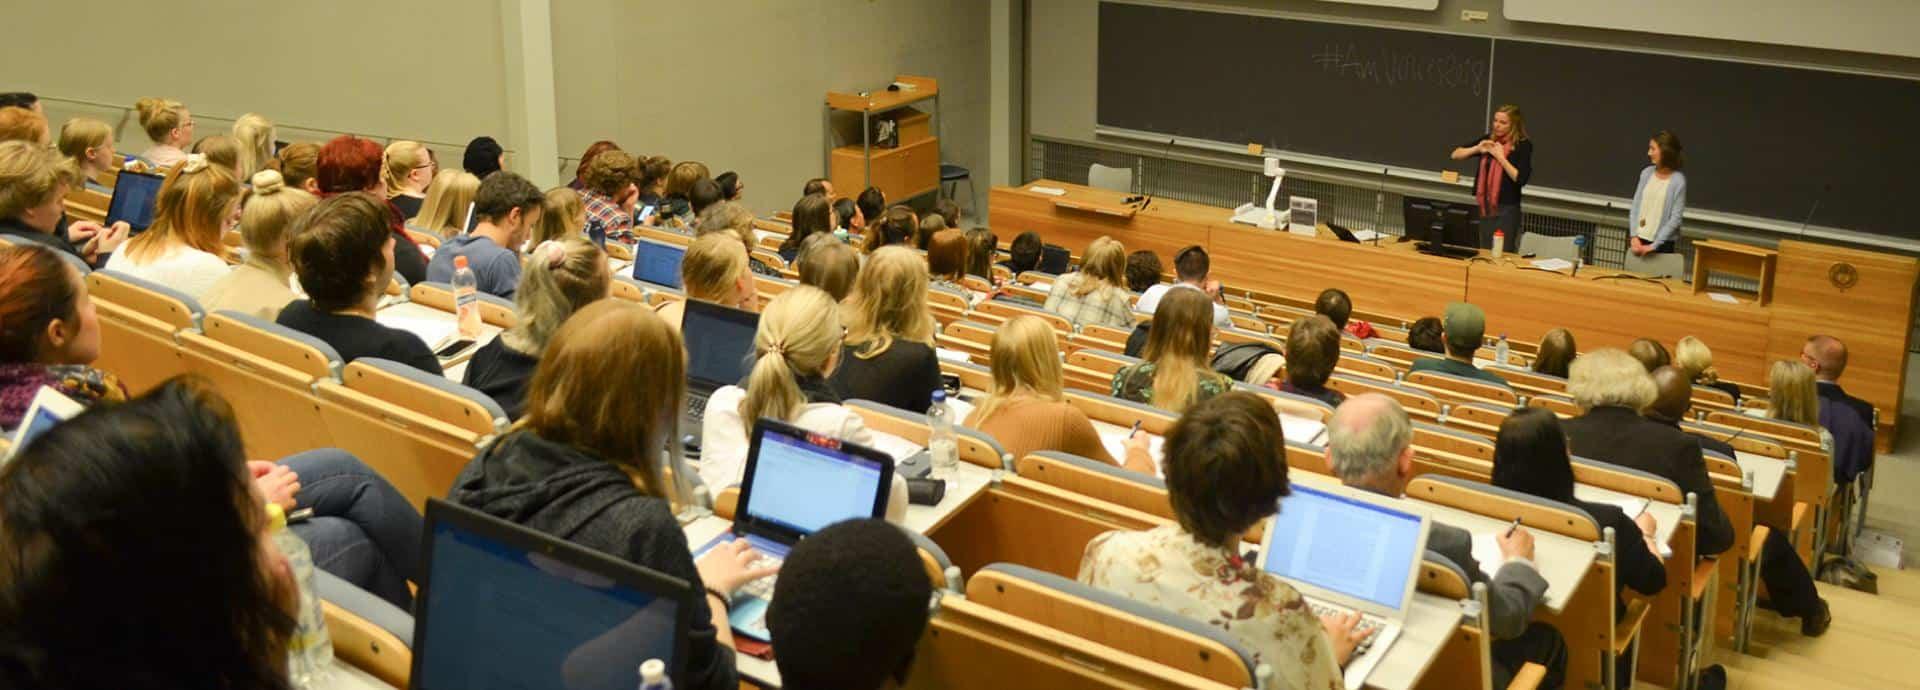 بهترین دانشگاه های فنلاند